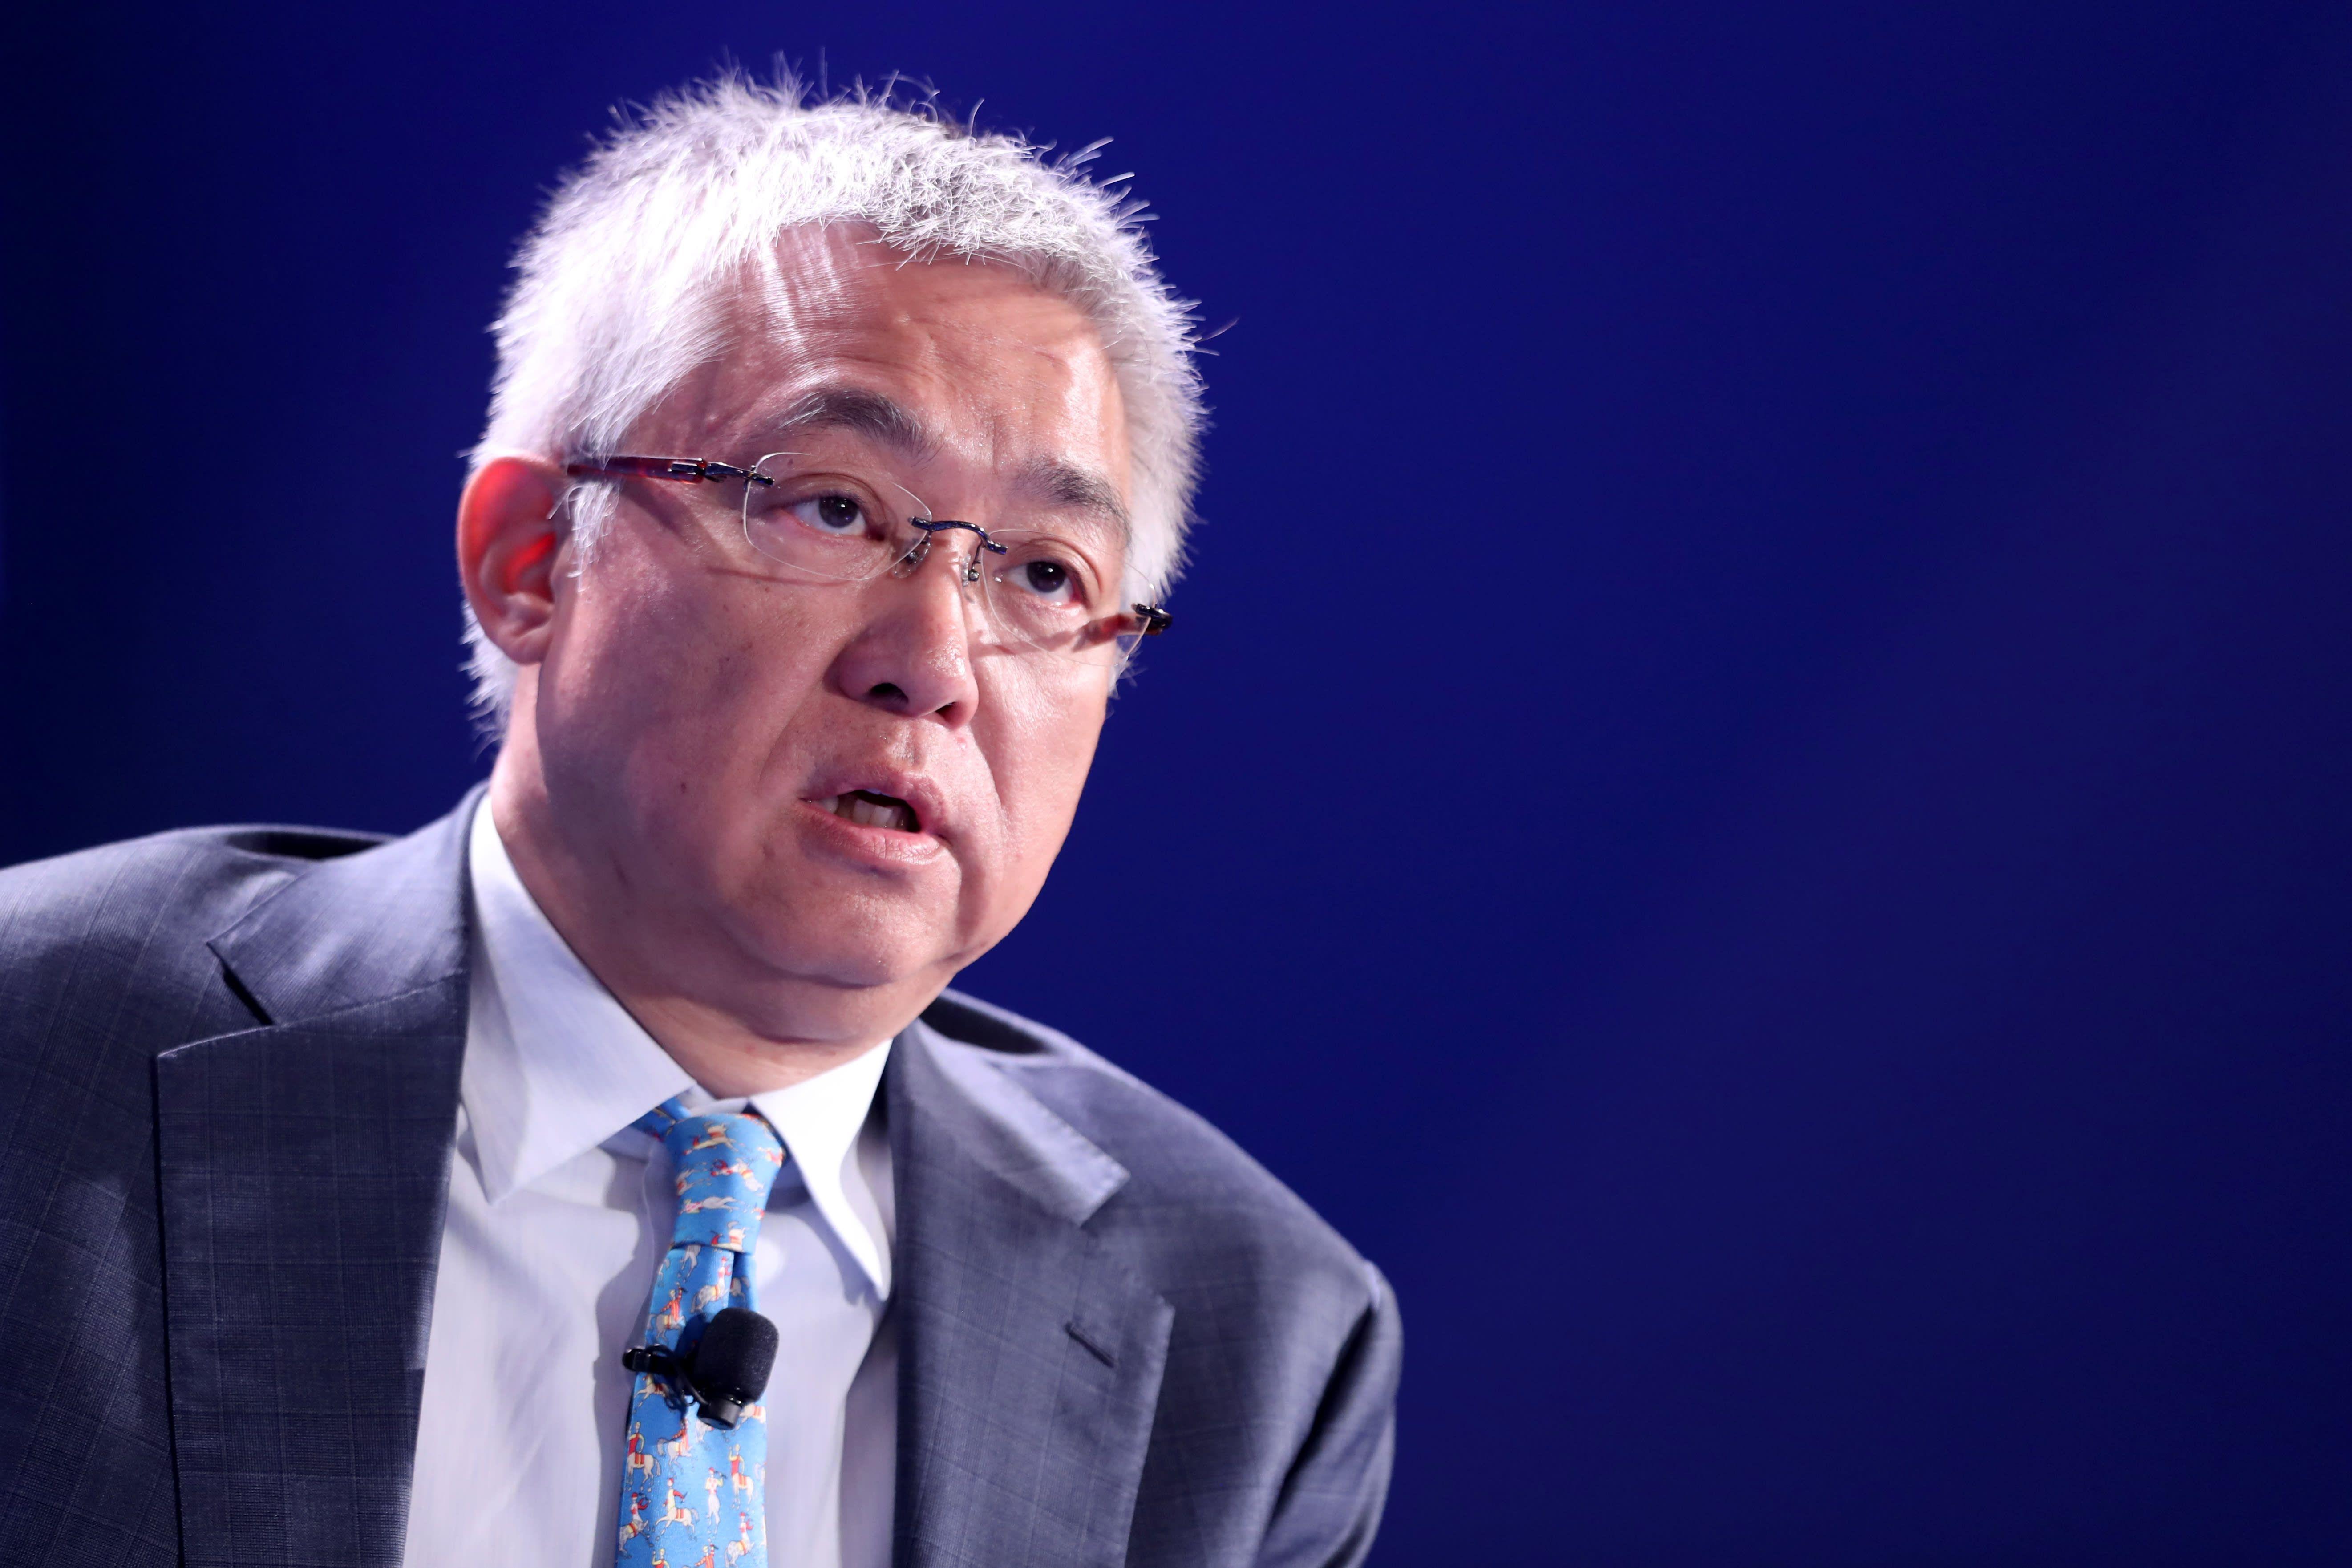 Trung Quốc tiêu dùng, chăm sóc sức khỏe, đầu tư công nghệ